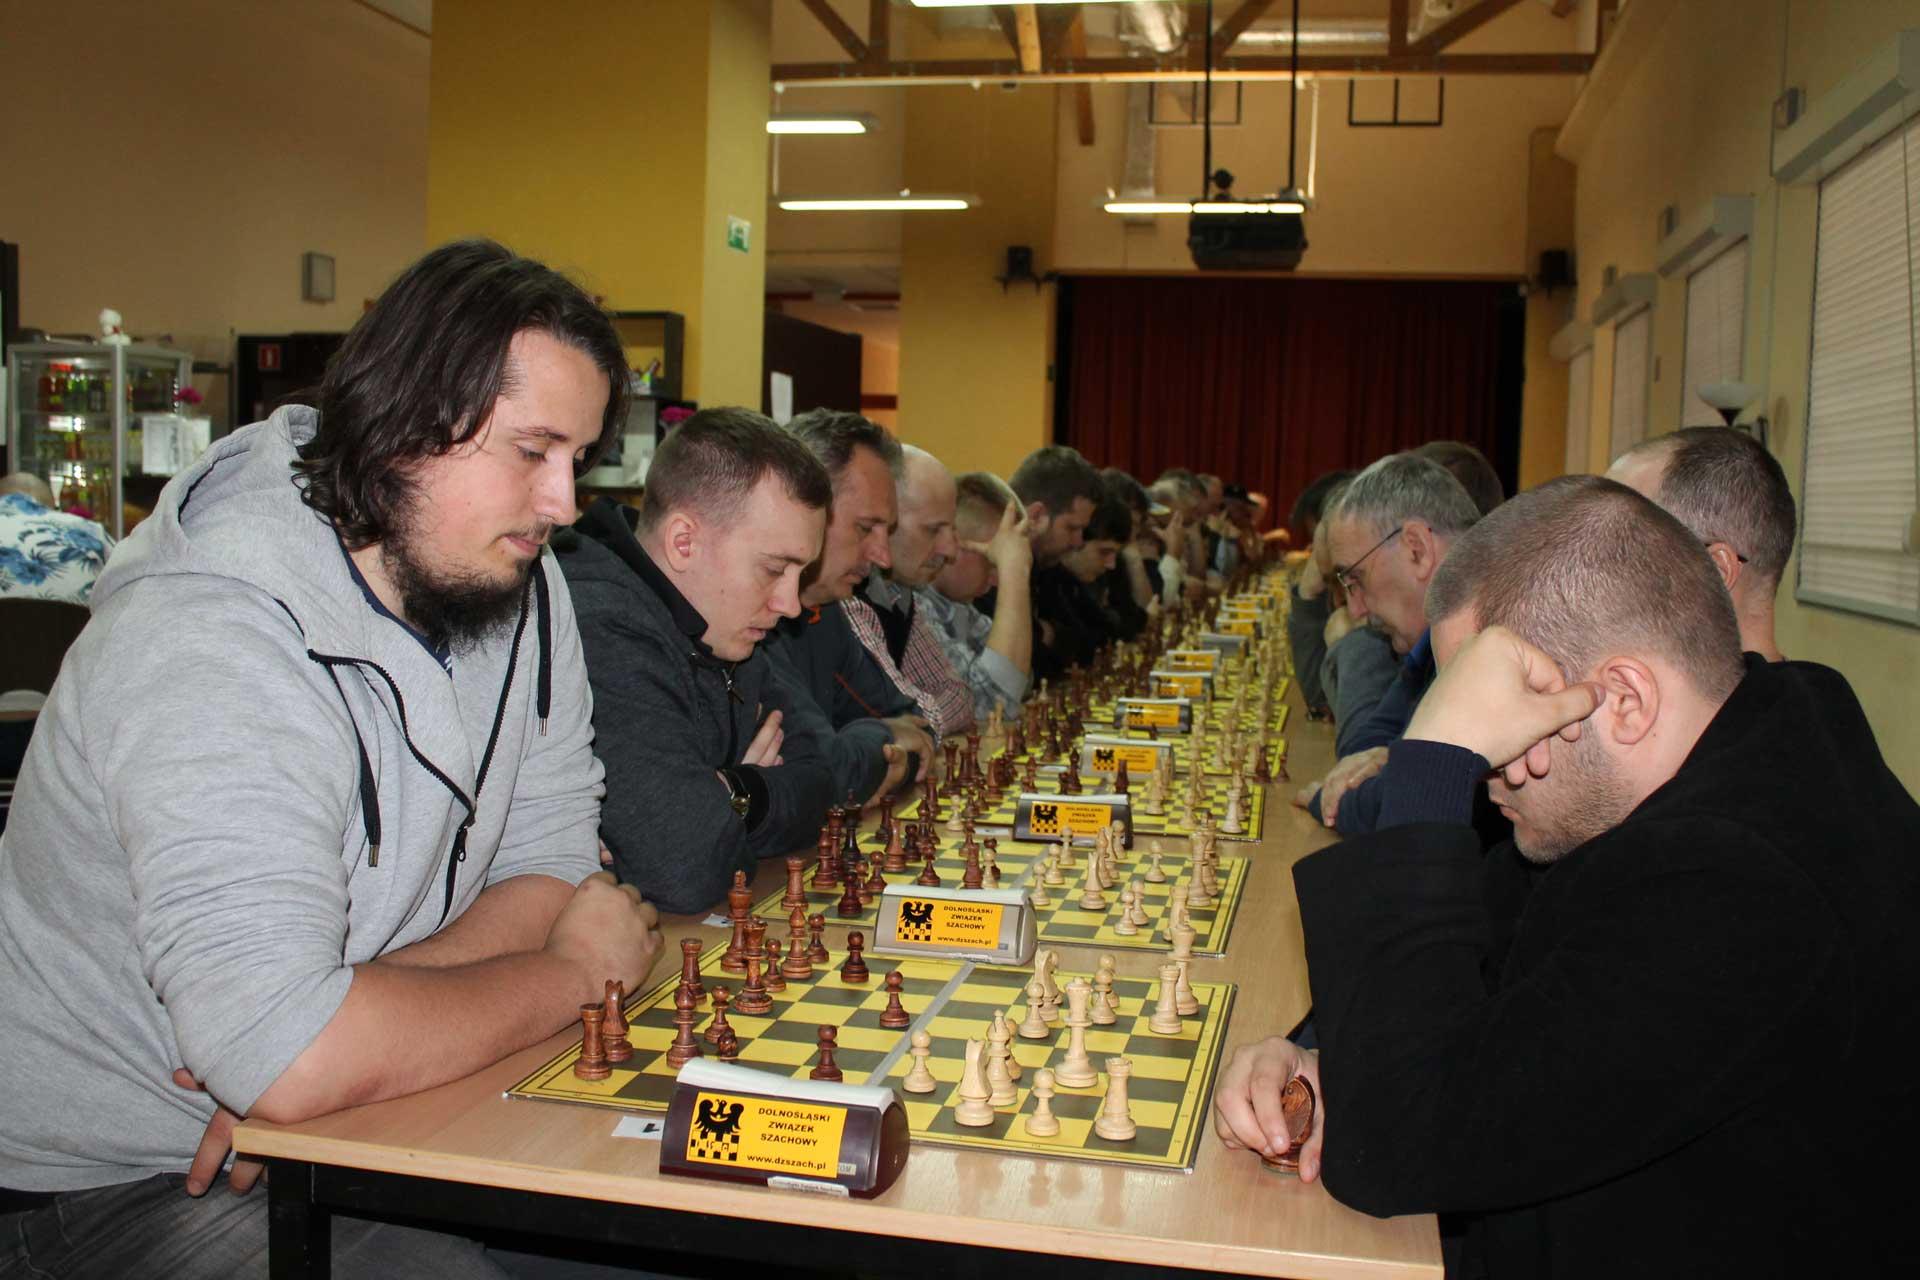 Turniej szachowy z okazji rocznicy Konstytucji 3 Maja, Żarów, 03.05.2016